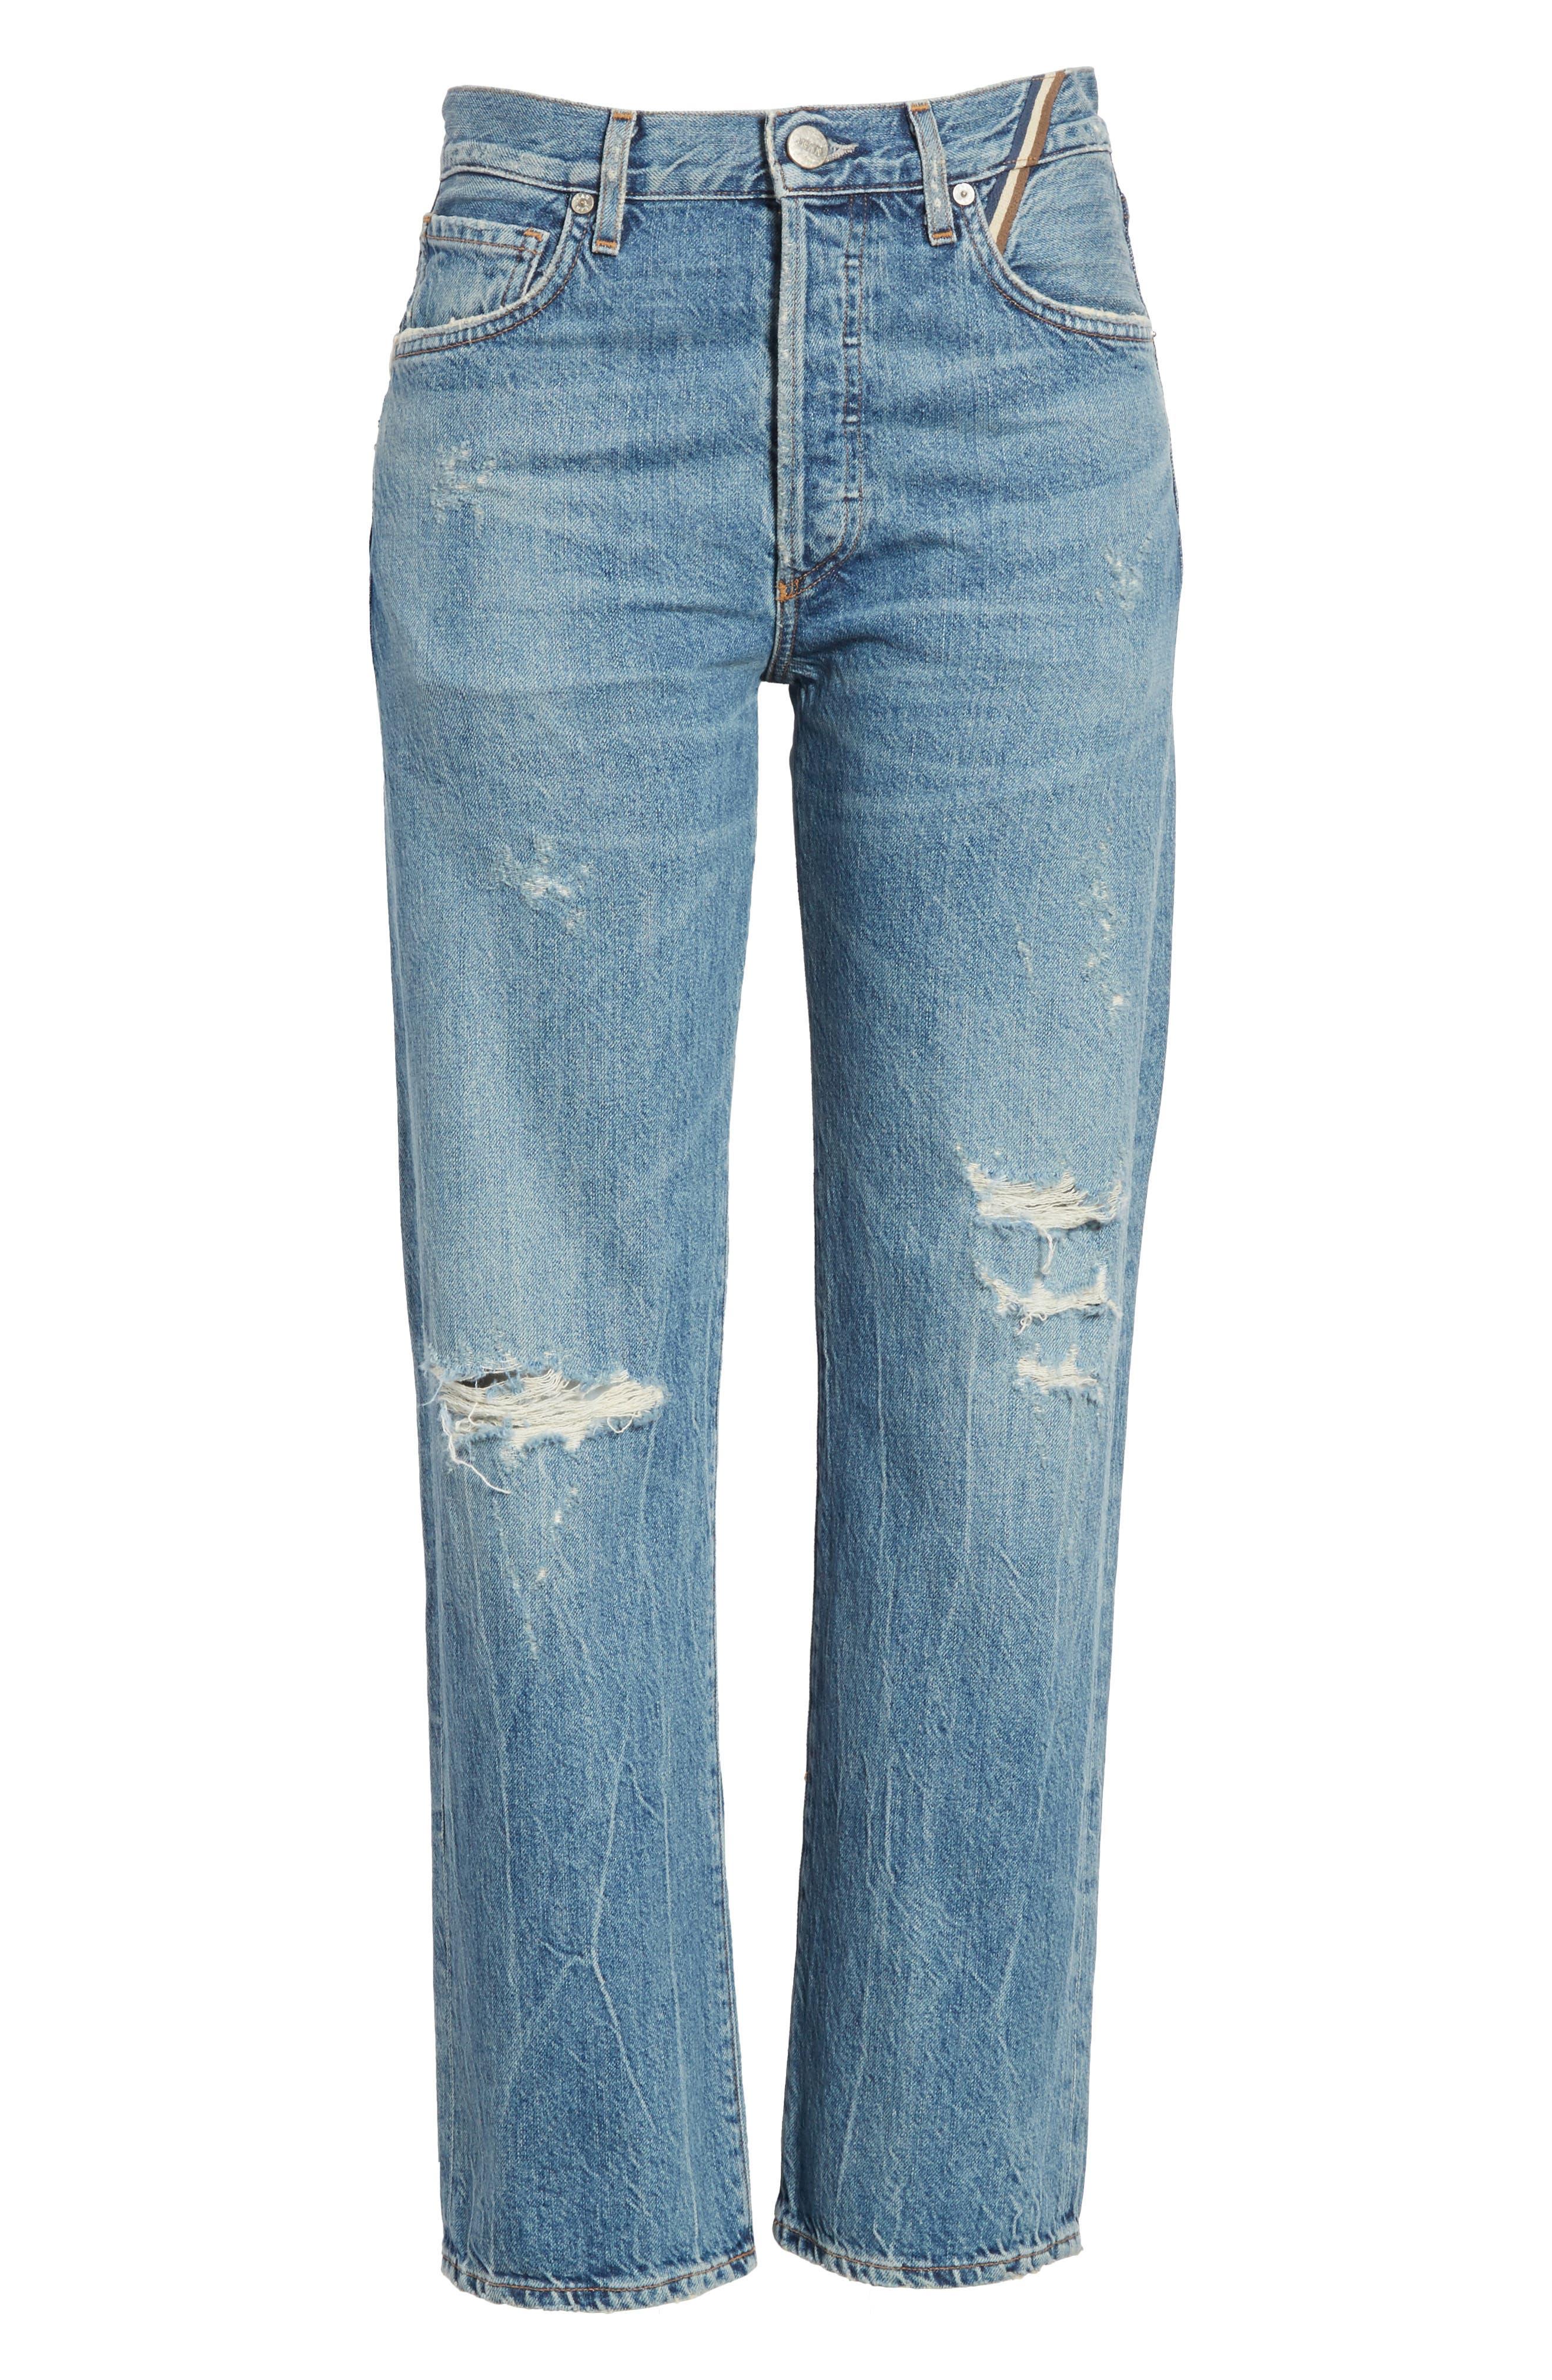 Laurent High Rise Distressed Boyfriend Jeans,                             Alternate thumbnail 6, color,                             VINTAGE